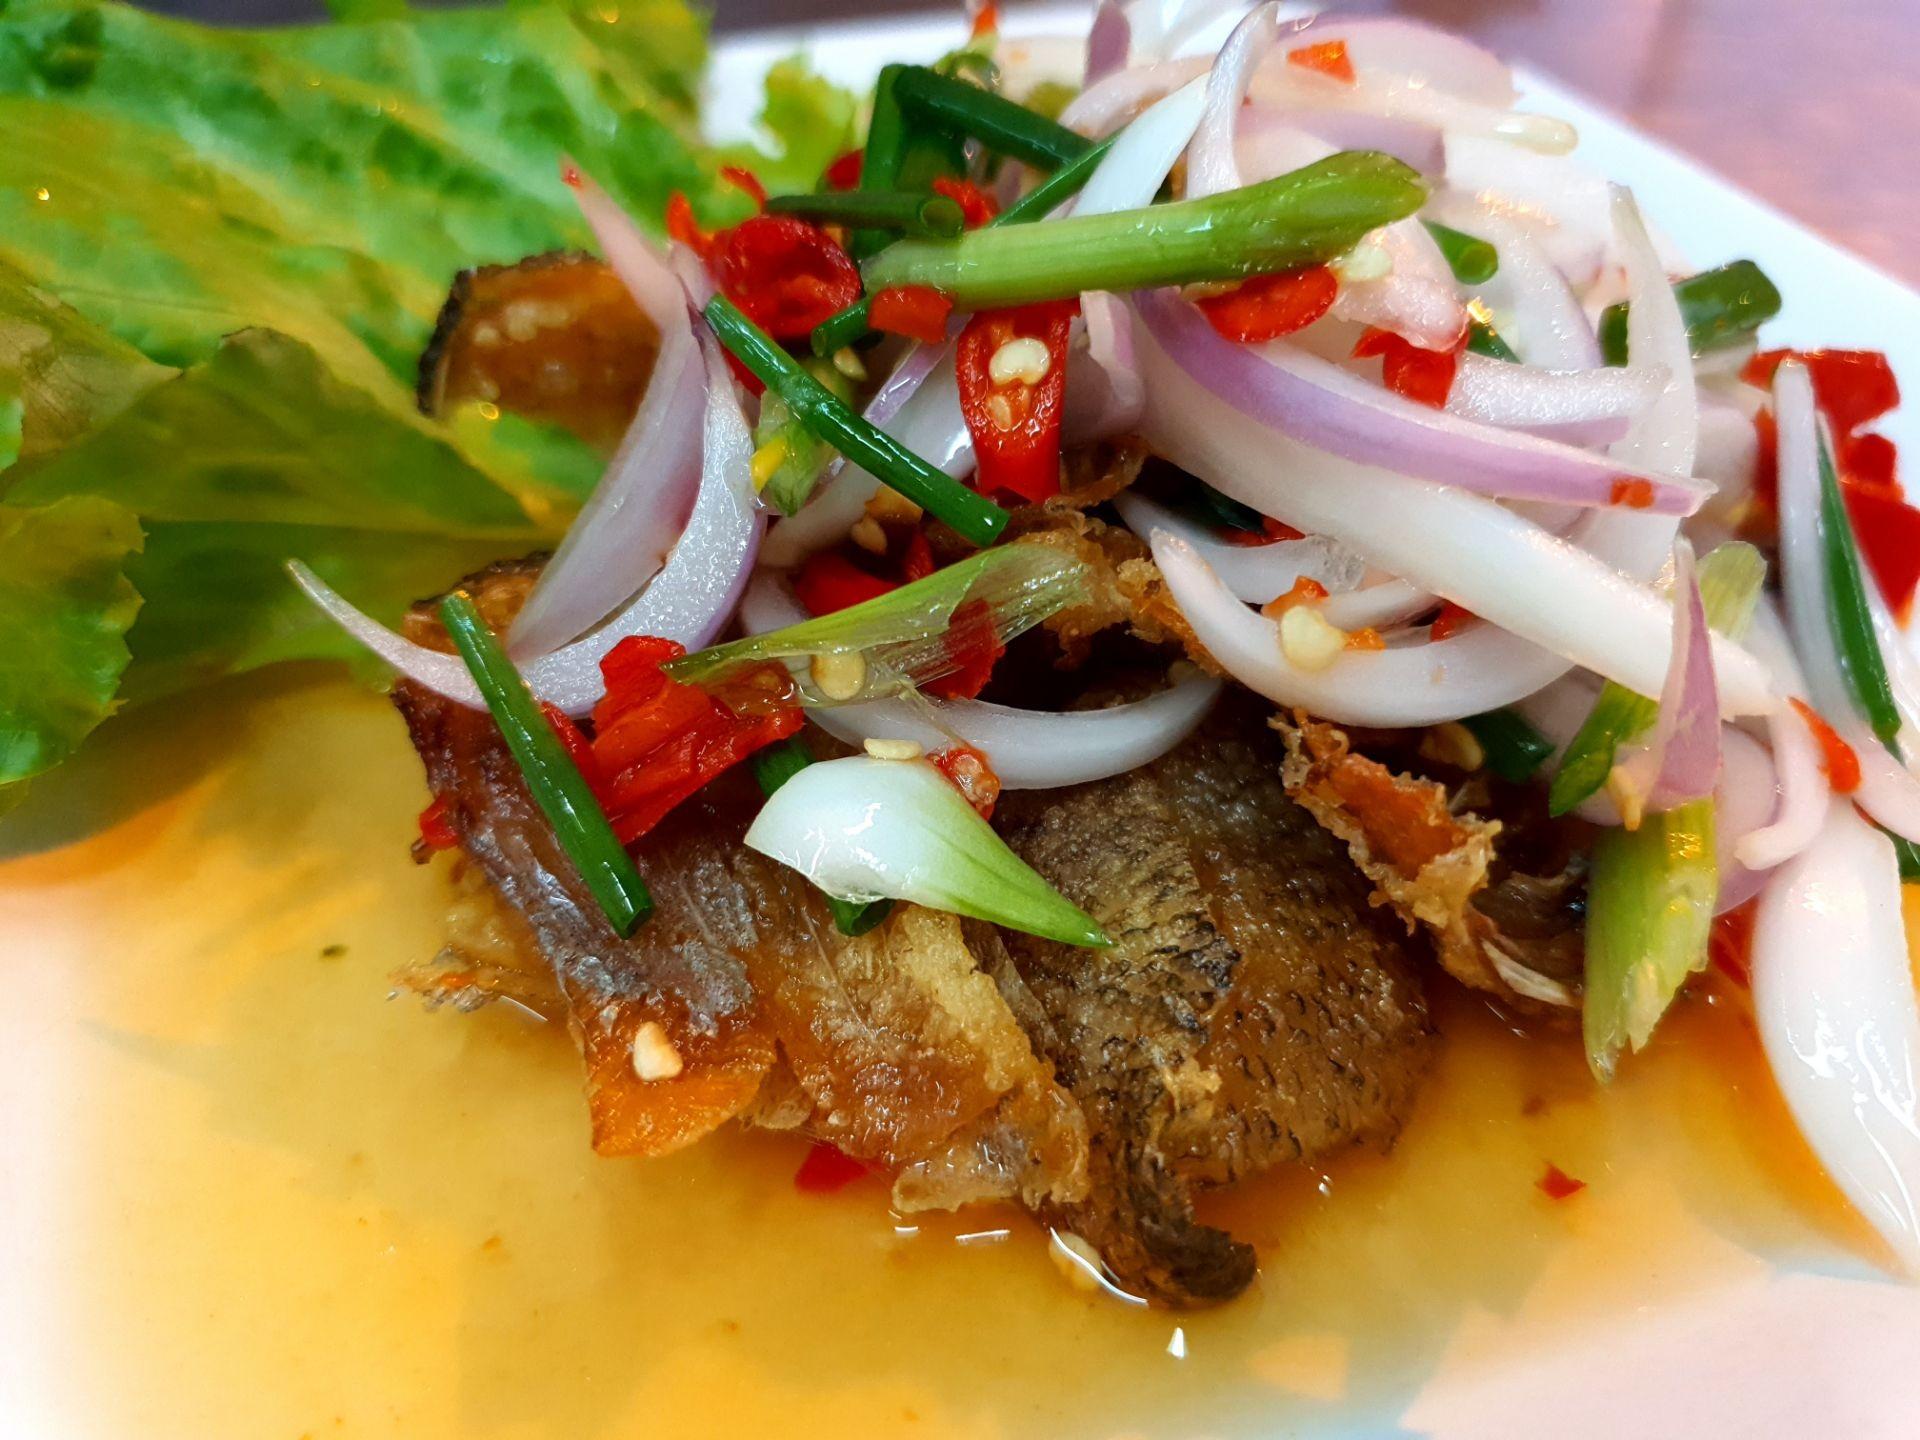 ใช้ปลาสลิดไม่เค็มมาก ทอดกรอบๆ ยำแบบคนจีน ซึ่งยังไม่แซ่บสะใจ